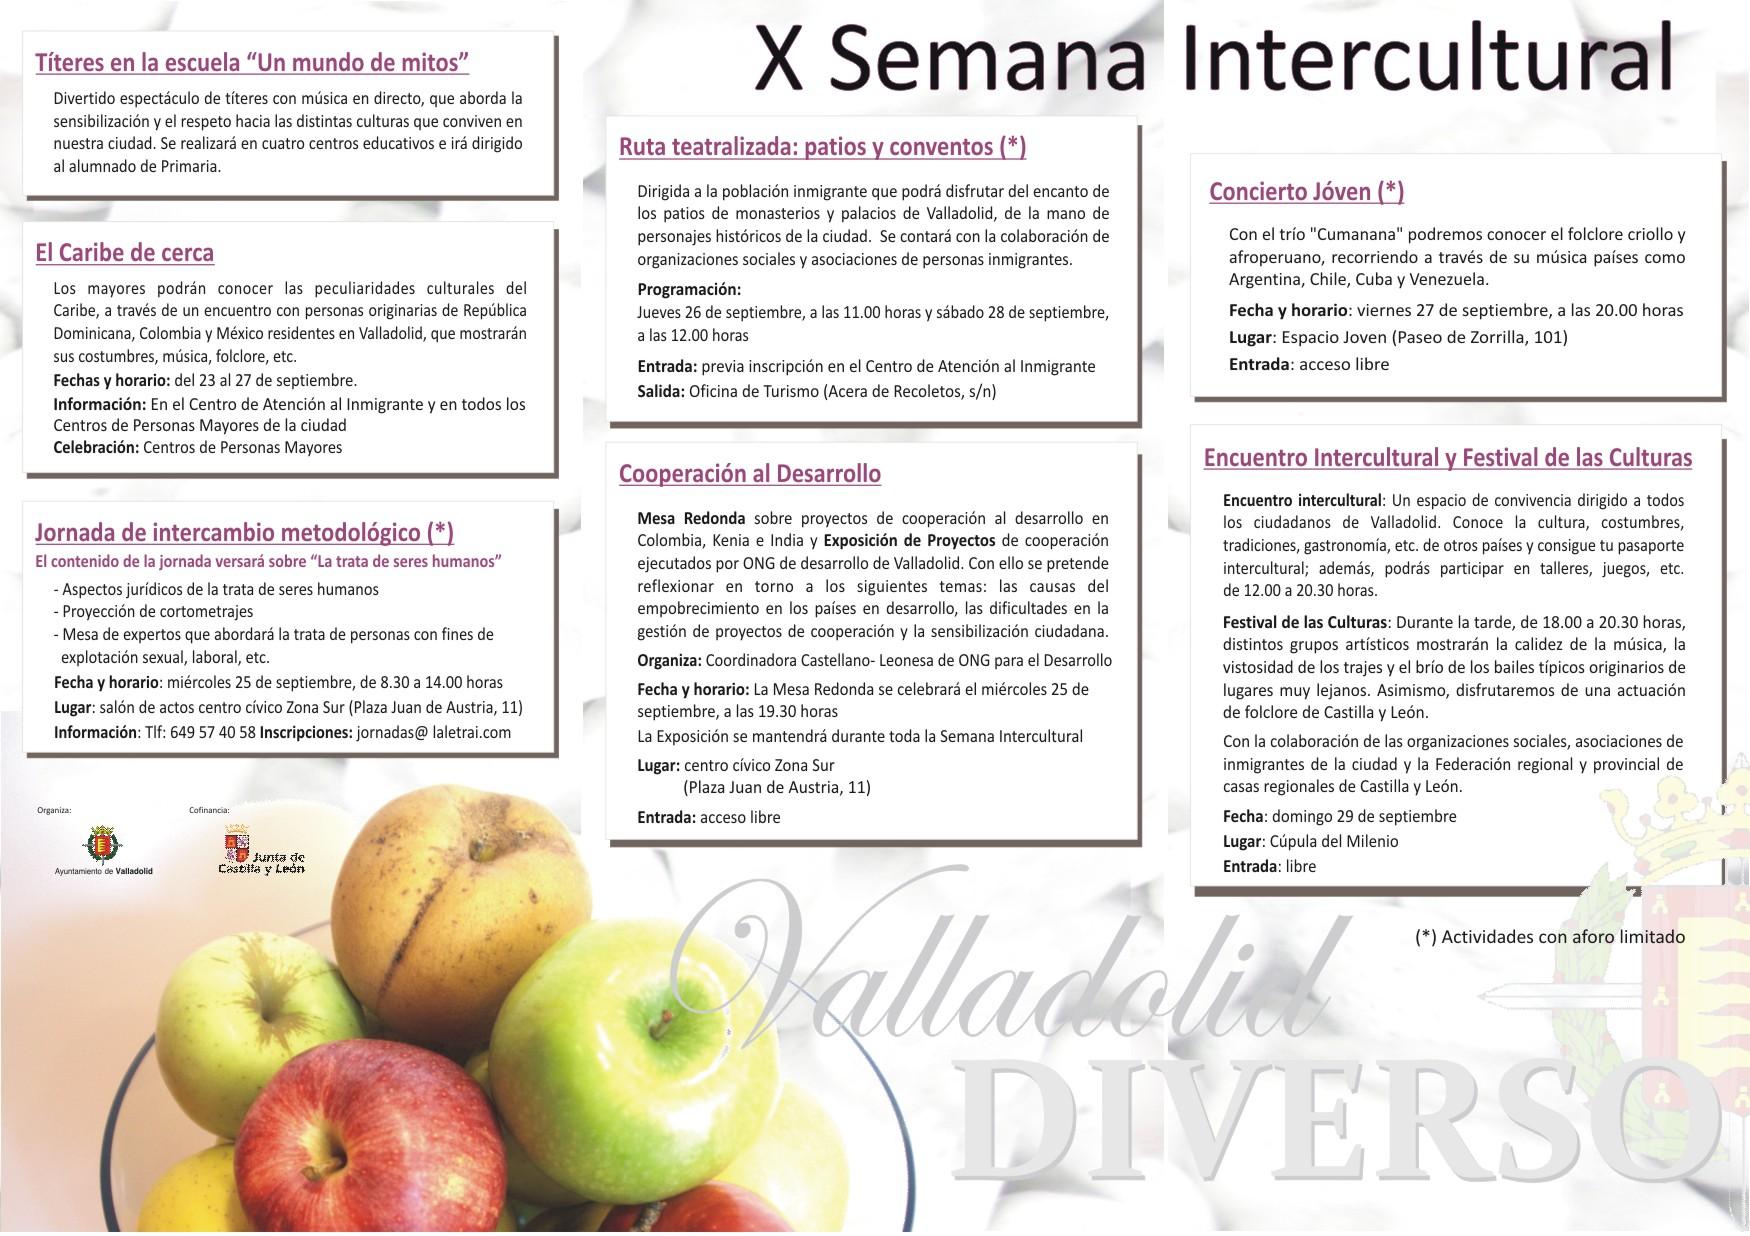 TripticoSemanaIntercultural CaraB